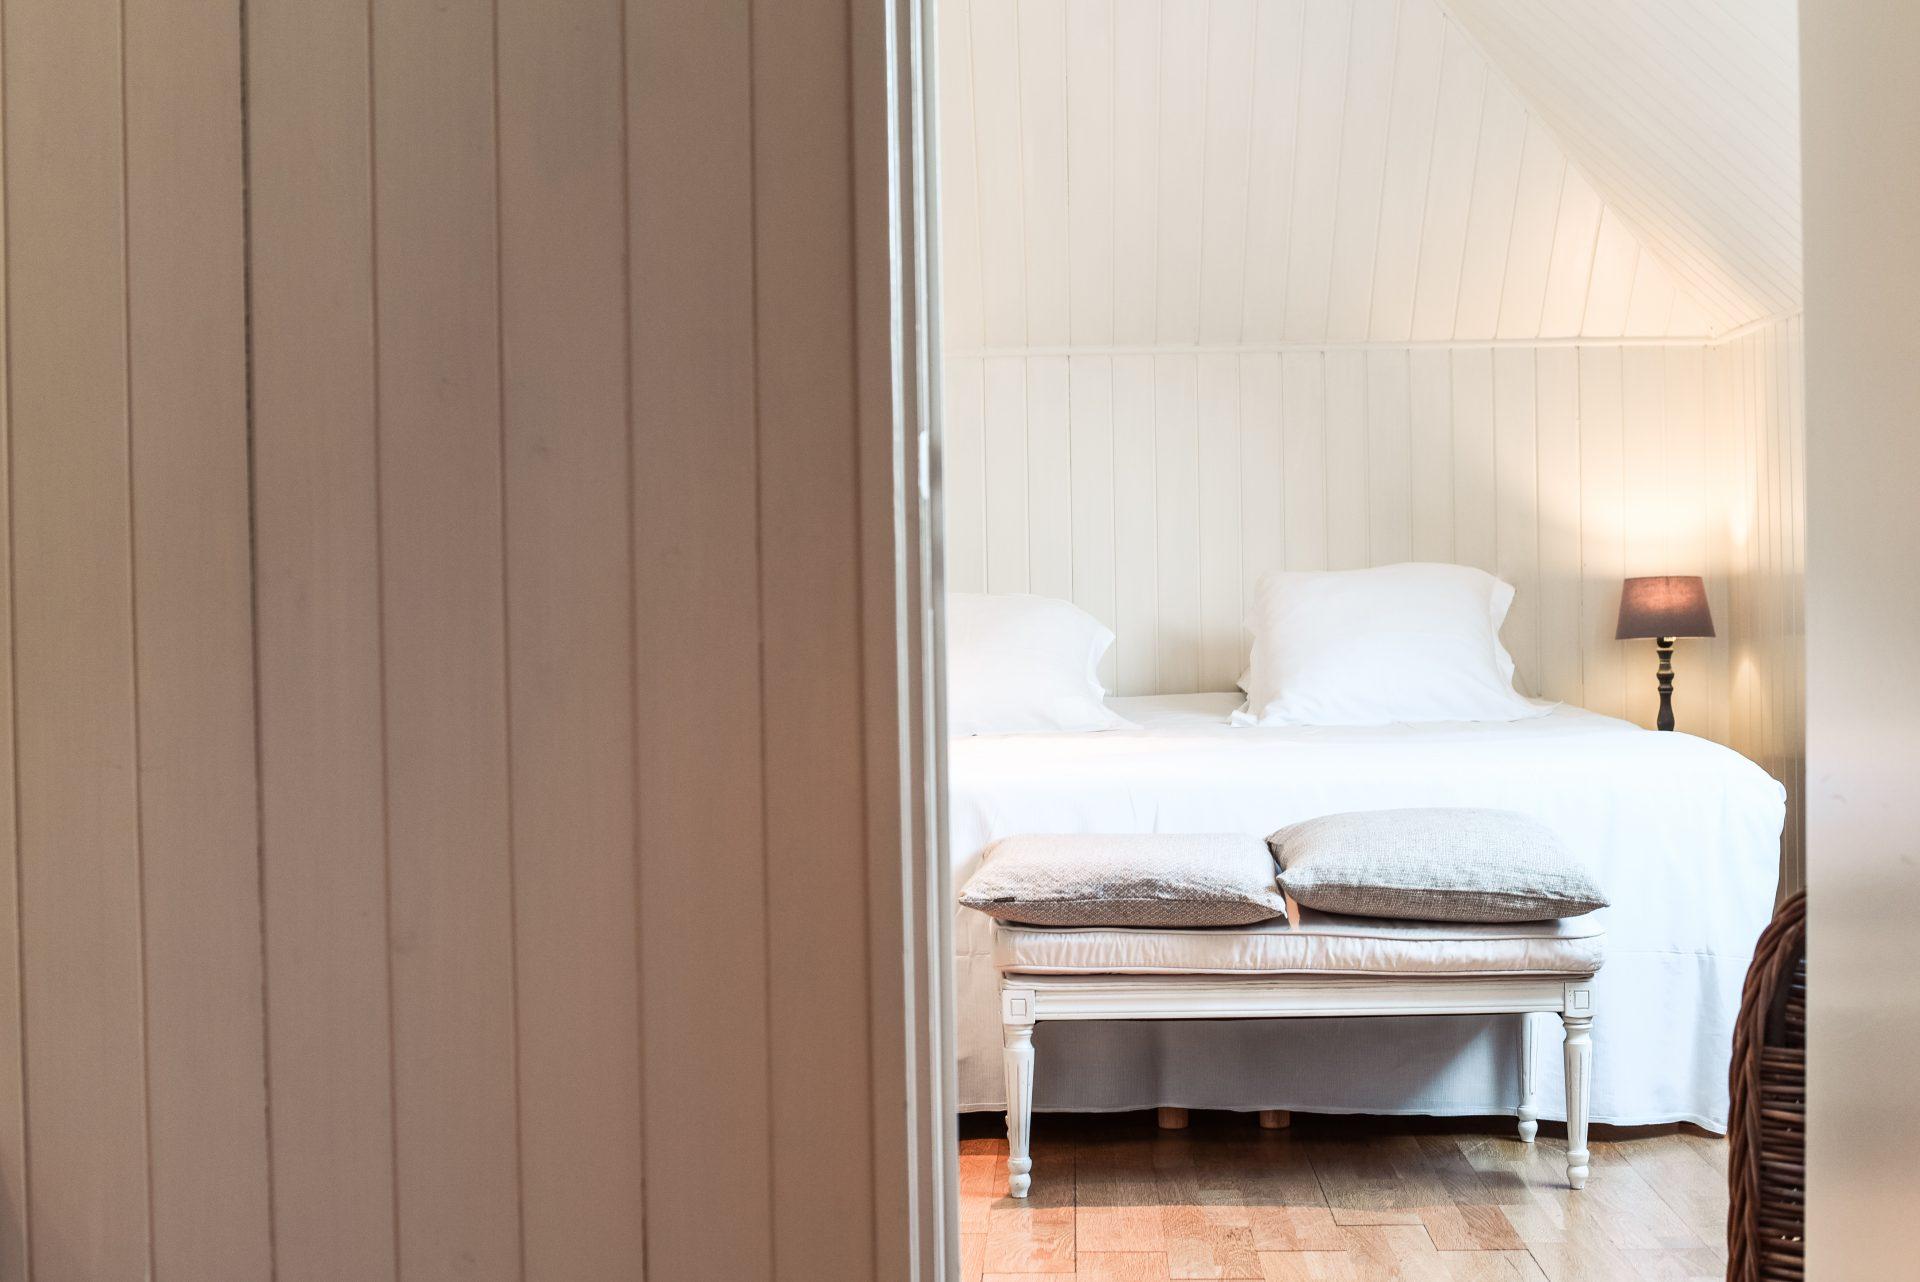 Nieuwpoort - Bed&Breakfast - Laurestes